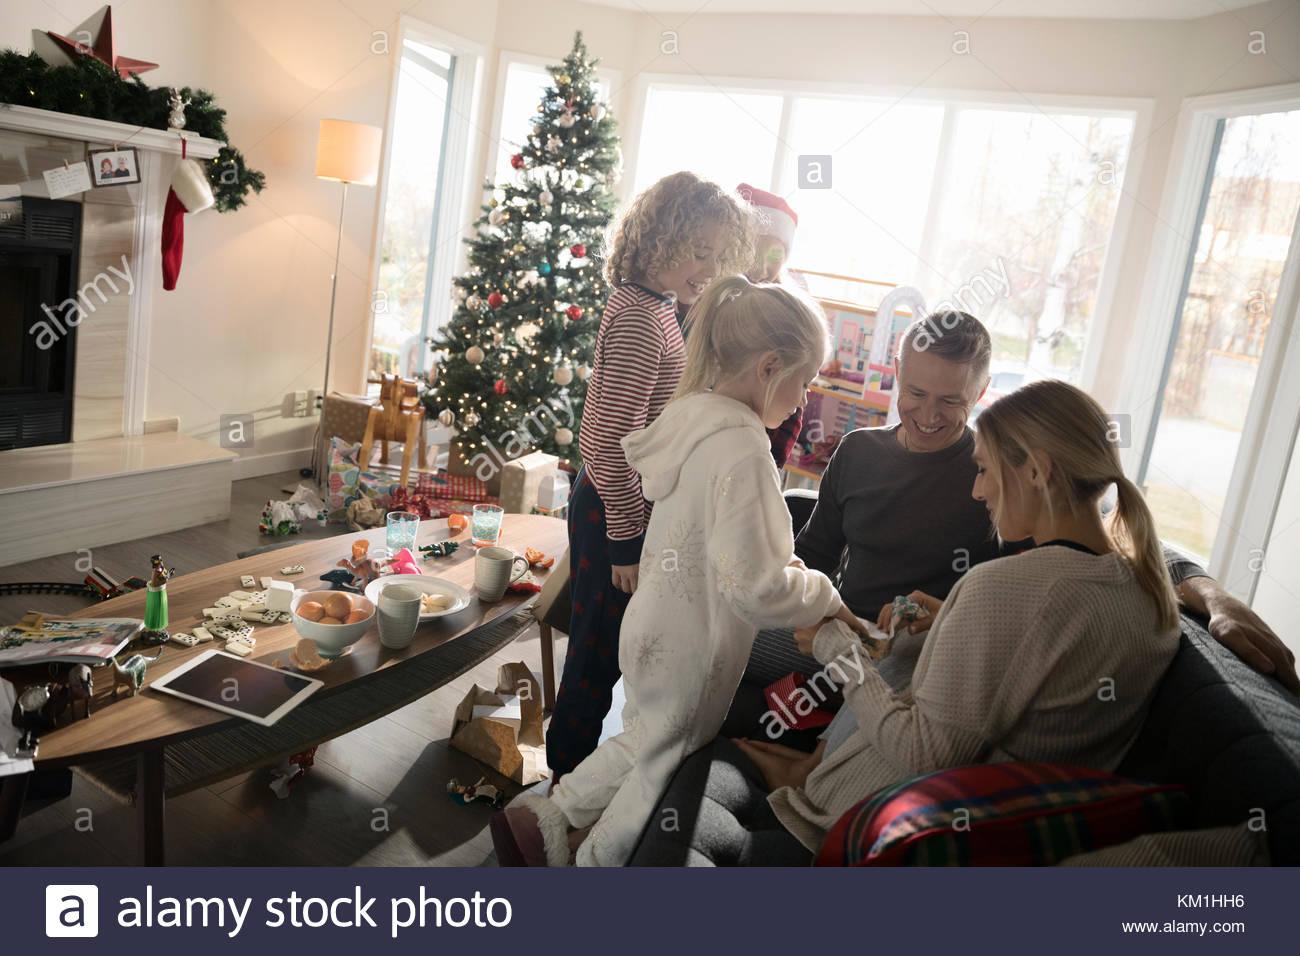 L'ouverture de la famille cadeau de Noël dans la salle de séjour Banque D'Images